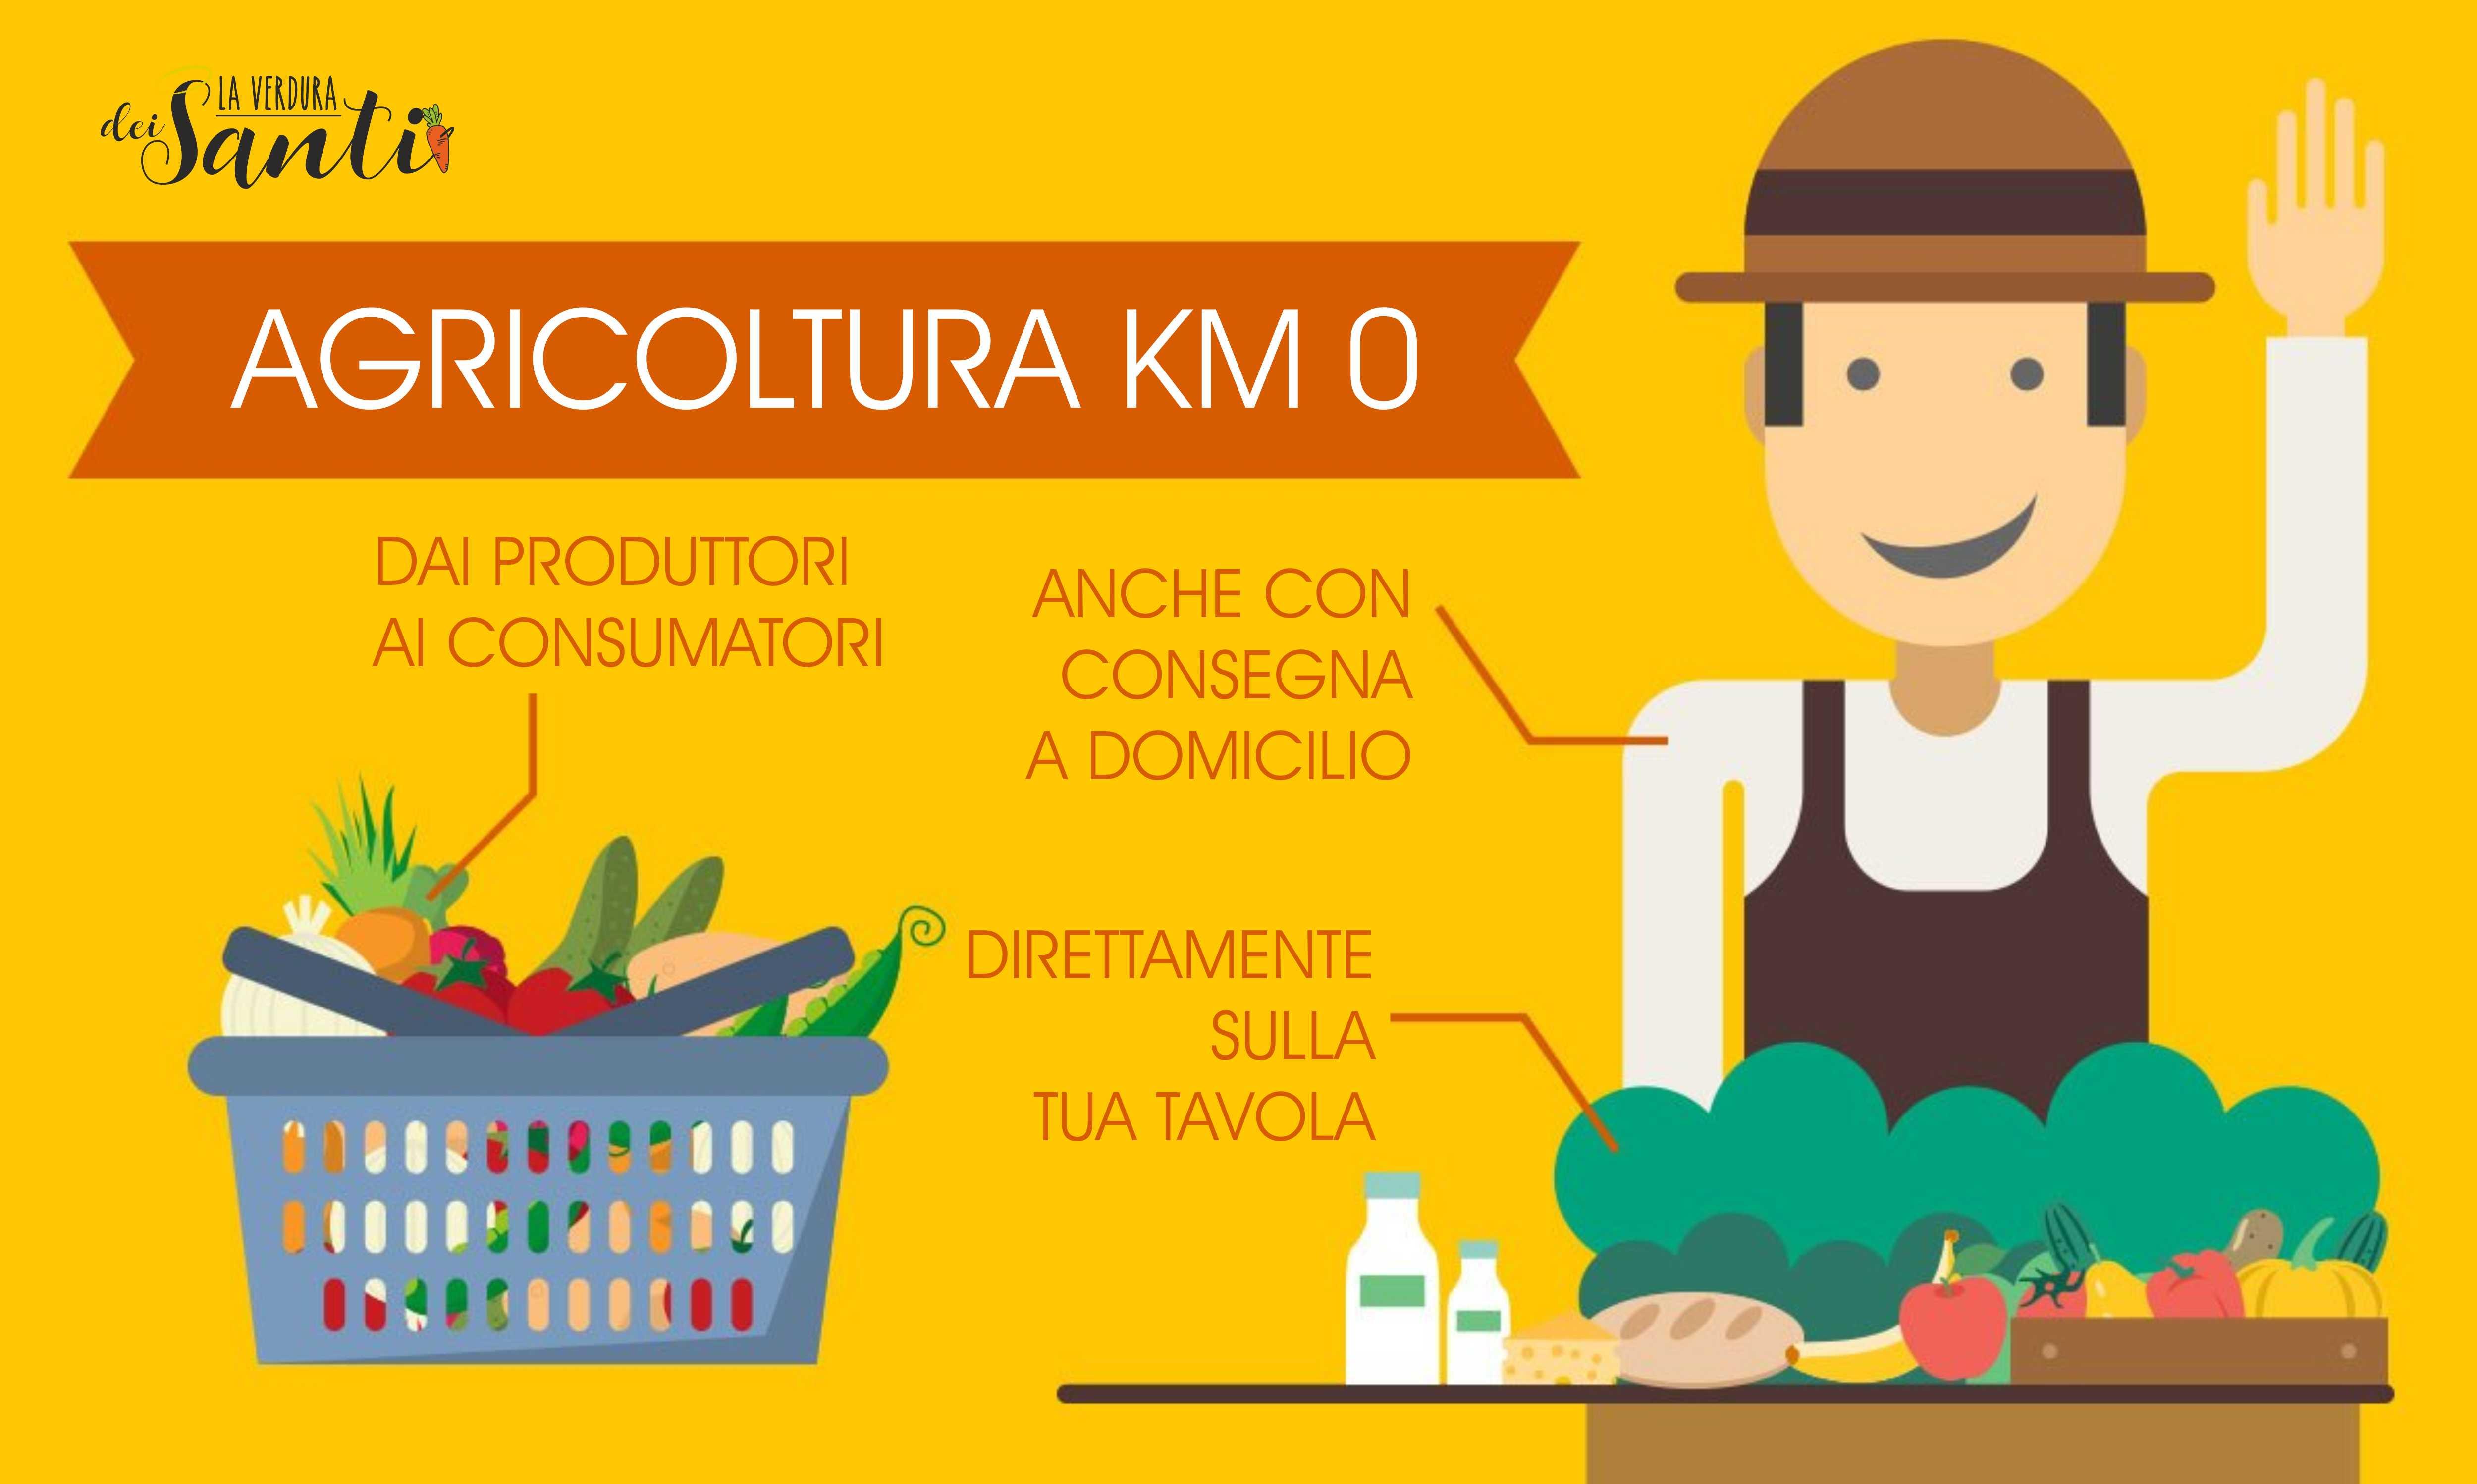 Agricoltura Km 0: cosa significa e perché è così importante?